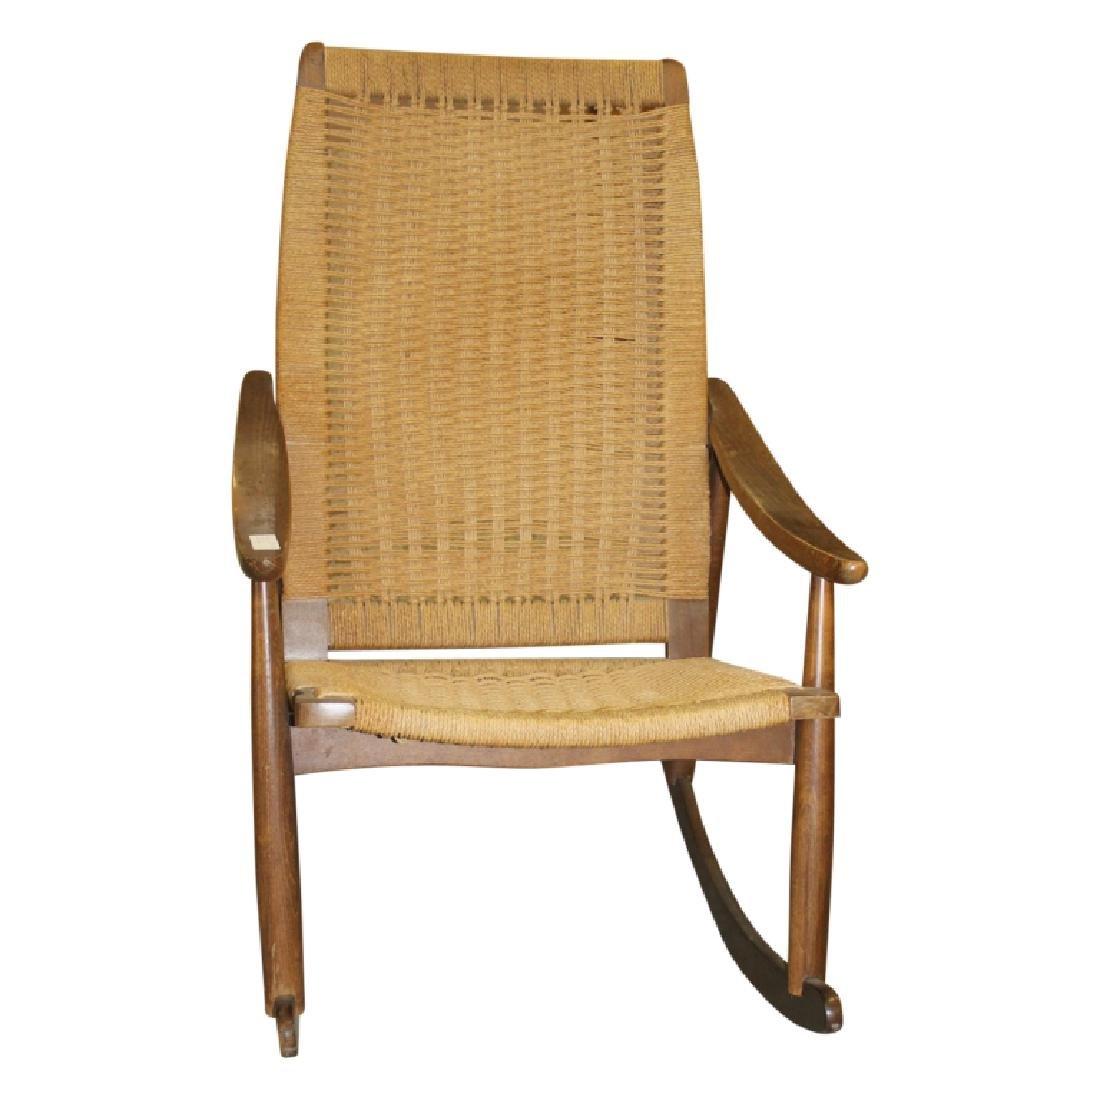 Mid Century Modern Cane Rocking Chair